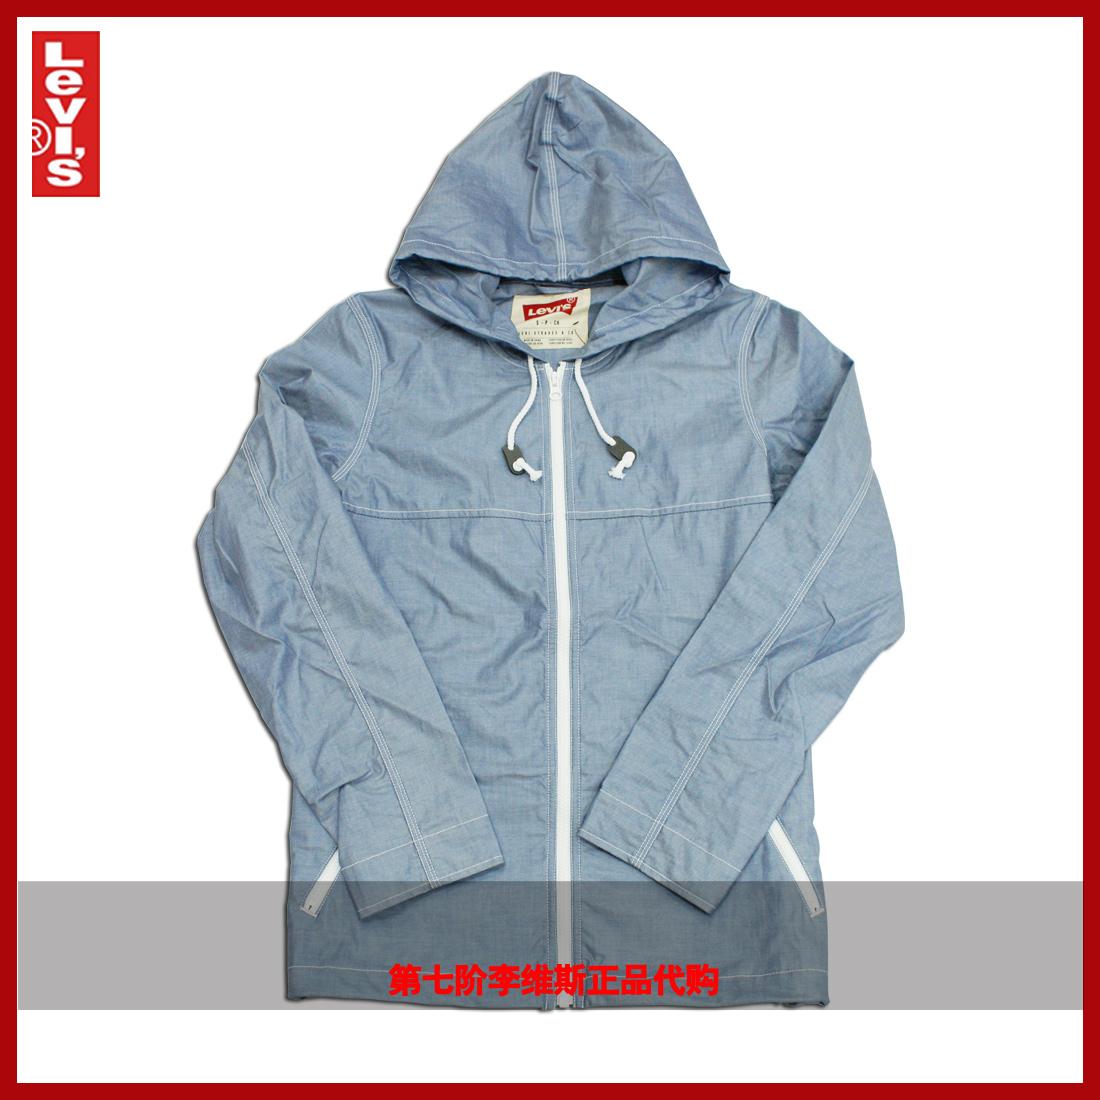 男装1099levis李维斯正品专柜代购男式薄防雨夹克外套70369-0004